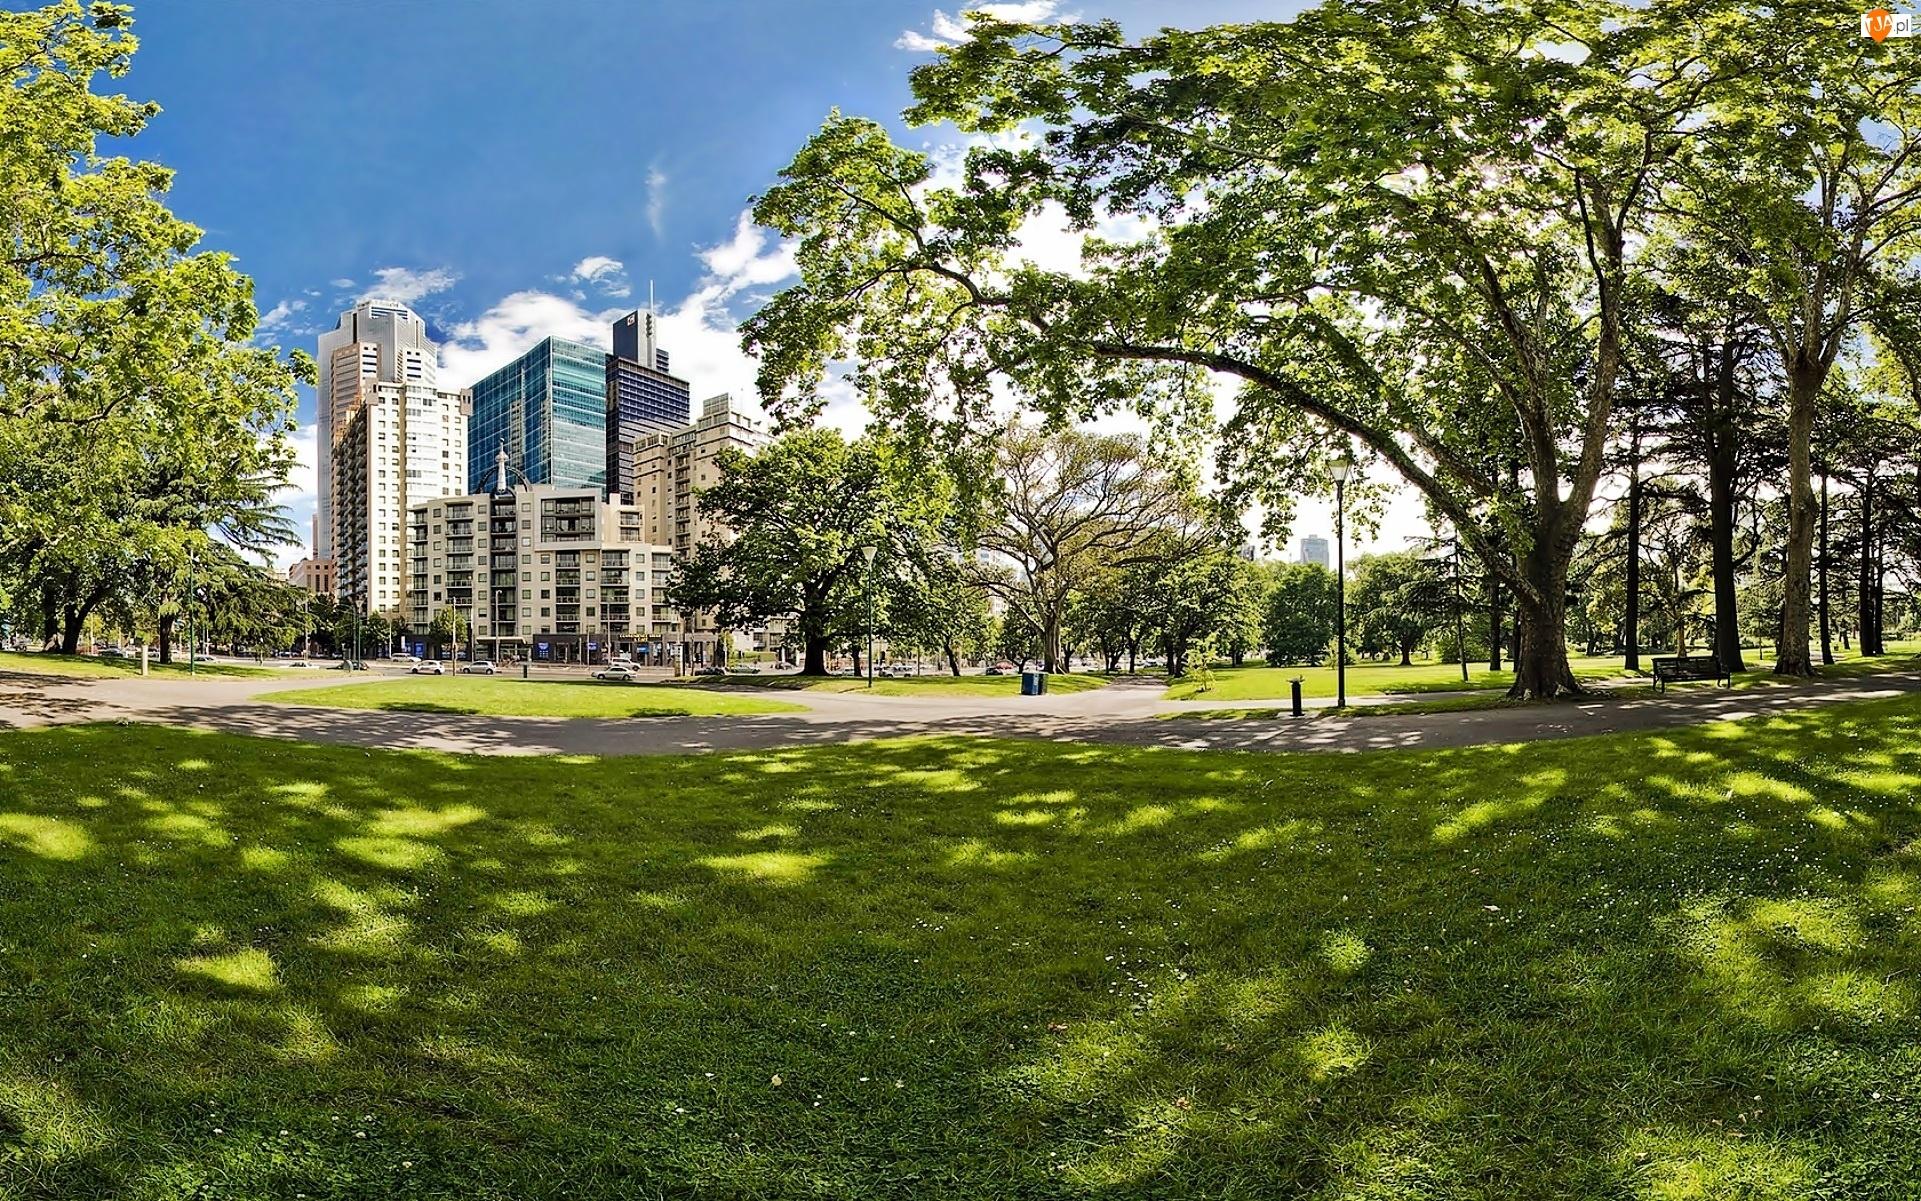 Carlton, Gardens, Chmur, Światło, Drapacze,  Melbourne, Park, Przebijające